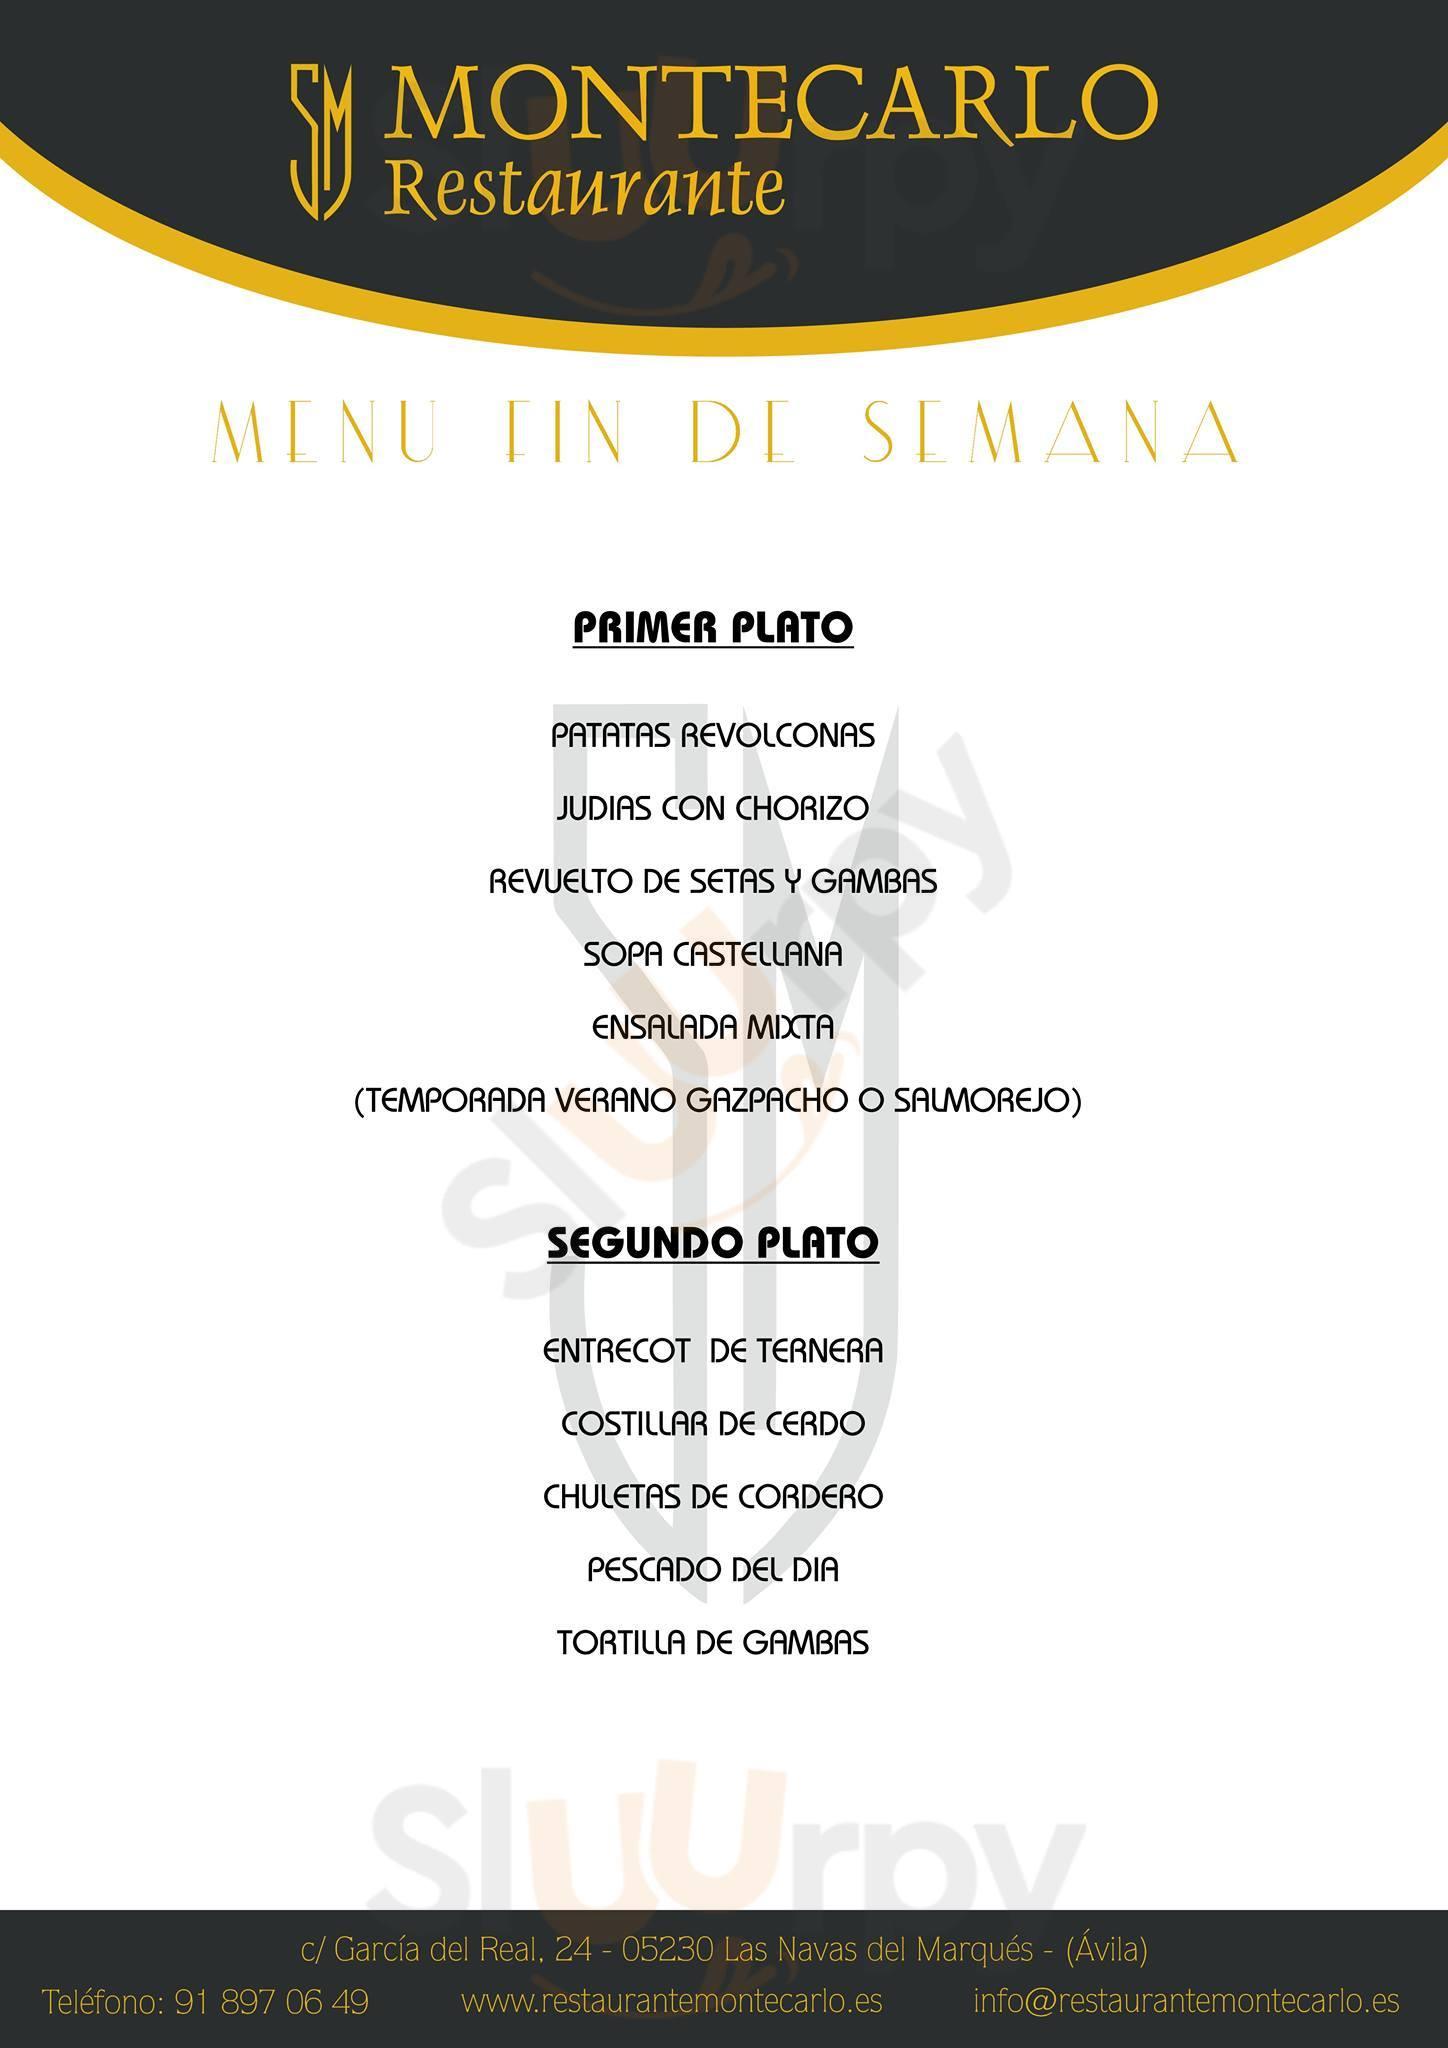 Restaurante Montecarlo Las Navas del Marqués Menu - 1